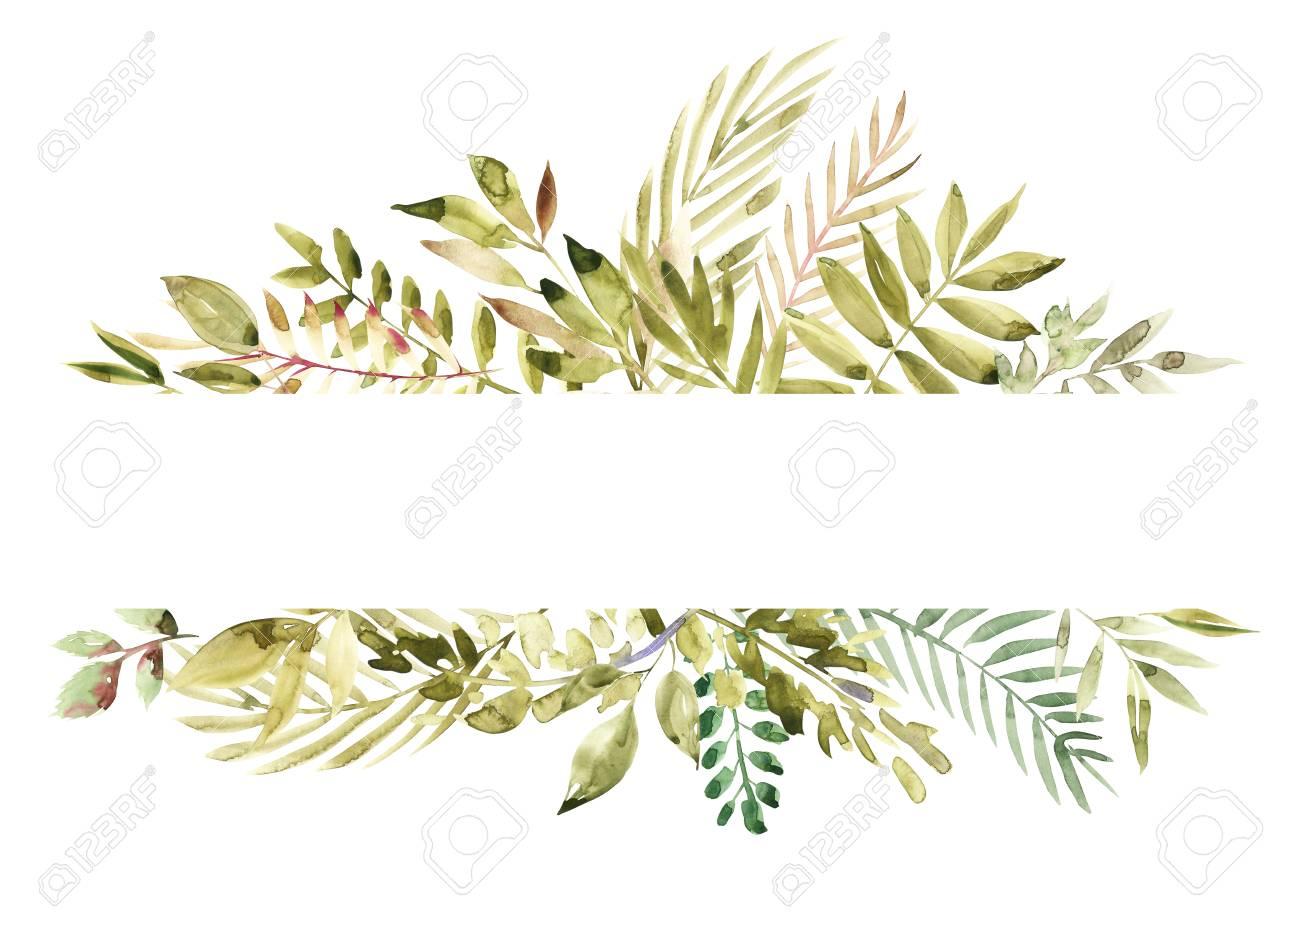 aquarelle peinte a la main banniere florale verte isole sur fond blanc guerir les herbes pour les cartes faire part de mariage affiches